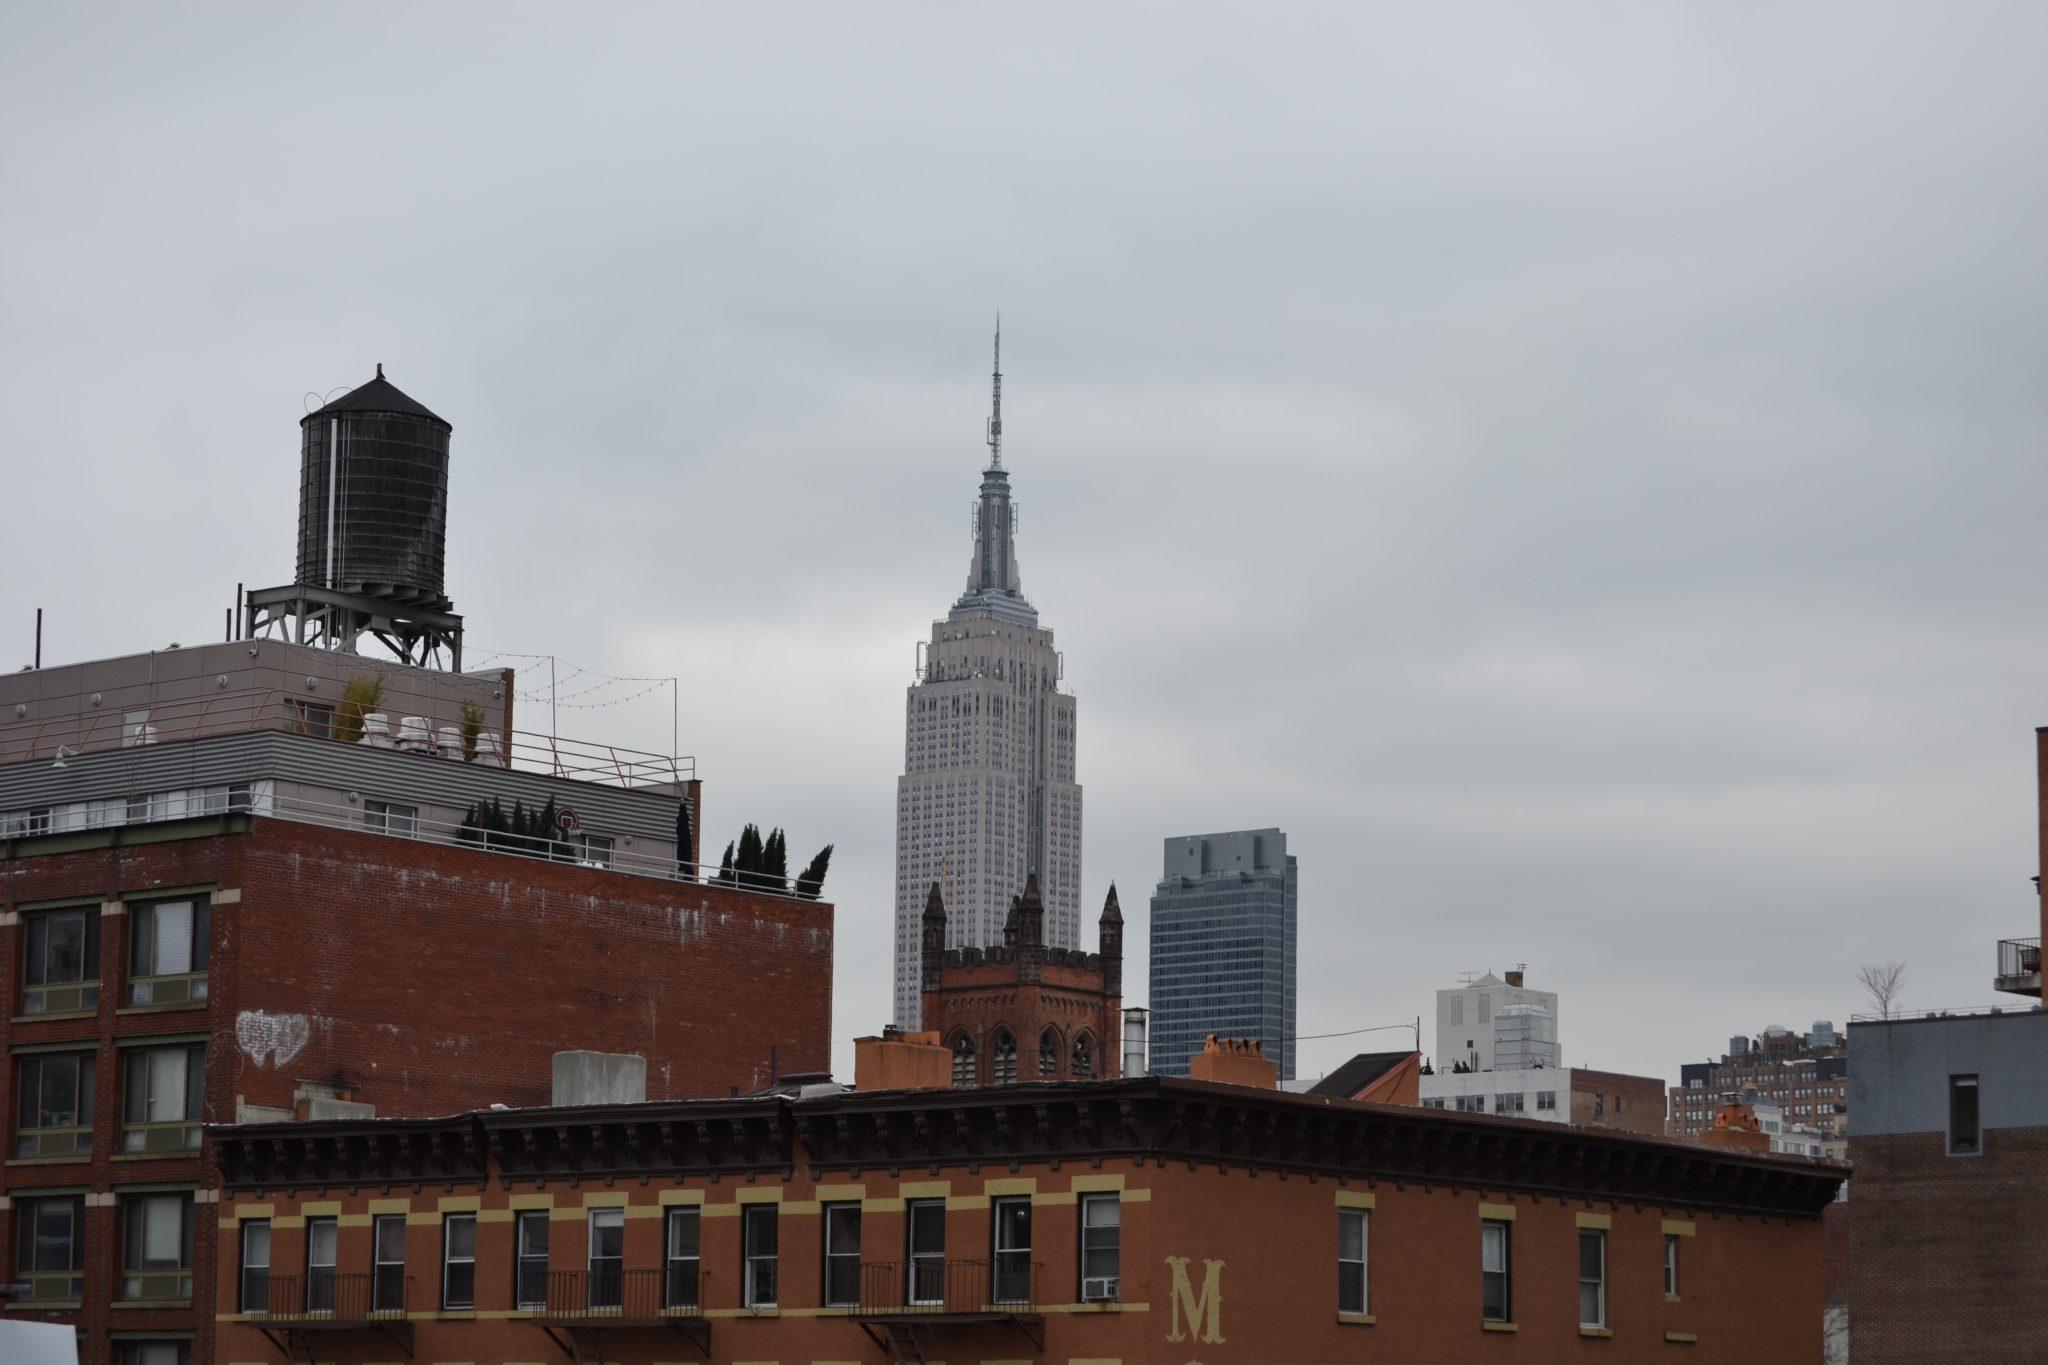 New York Part 3: Washington Square Park & Co - dsc 0324